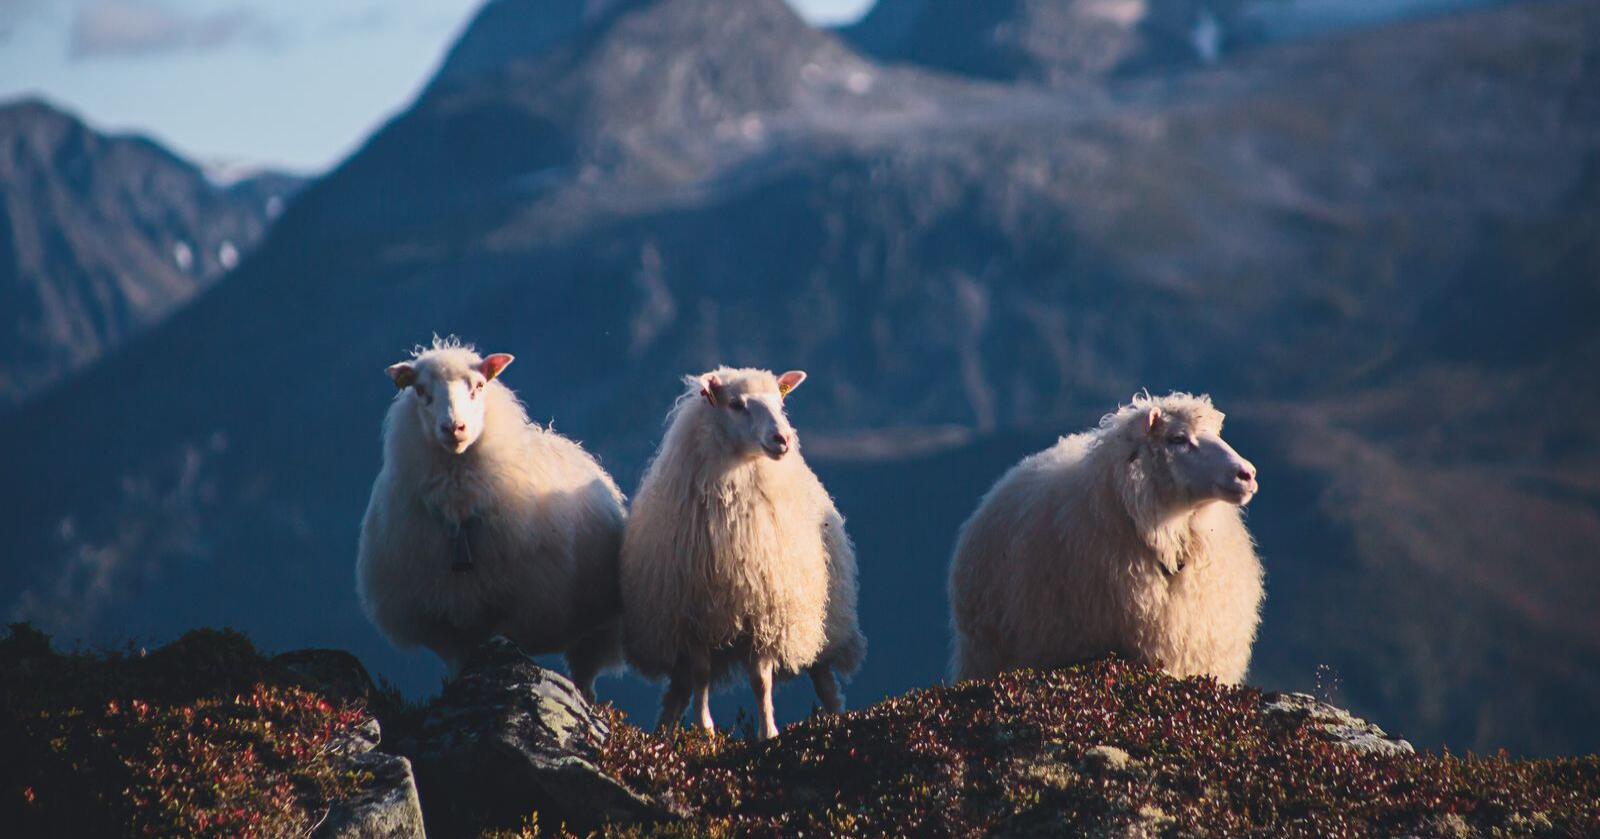 Det viktigste for utviklingen i jordbruket i Troms og Finnmark, er å sikre økt lønnsomhet og nok investeringsmidler slik at de som er i næringen i dag blir der og får mulighet til å utvikle driften sin, skriver Tone Rubach. Her et bilde av tre sauer på et fjell. Foto: Nikolai Tsuguliev/Mostphotos